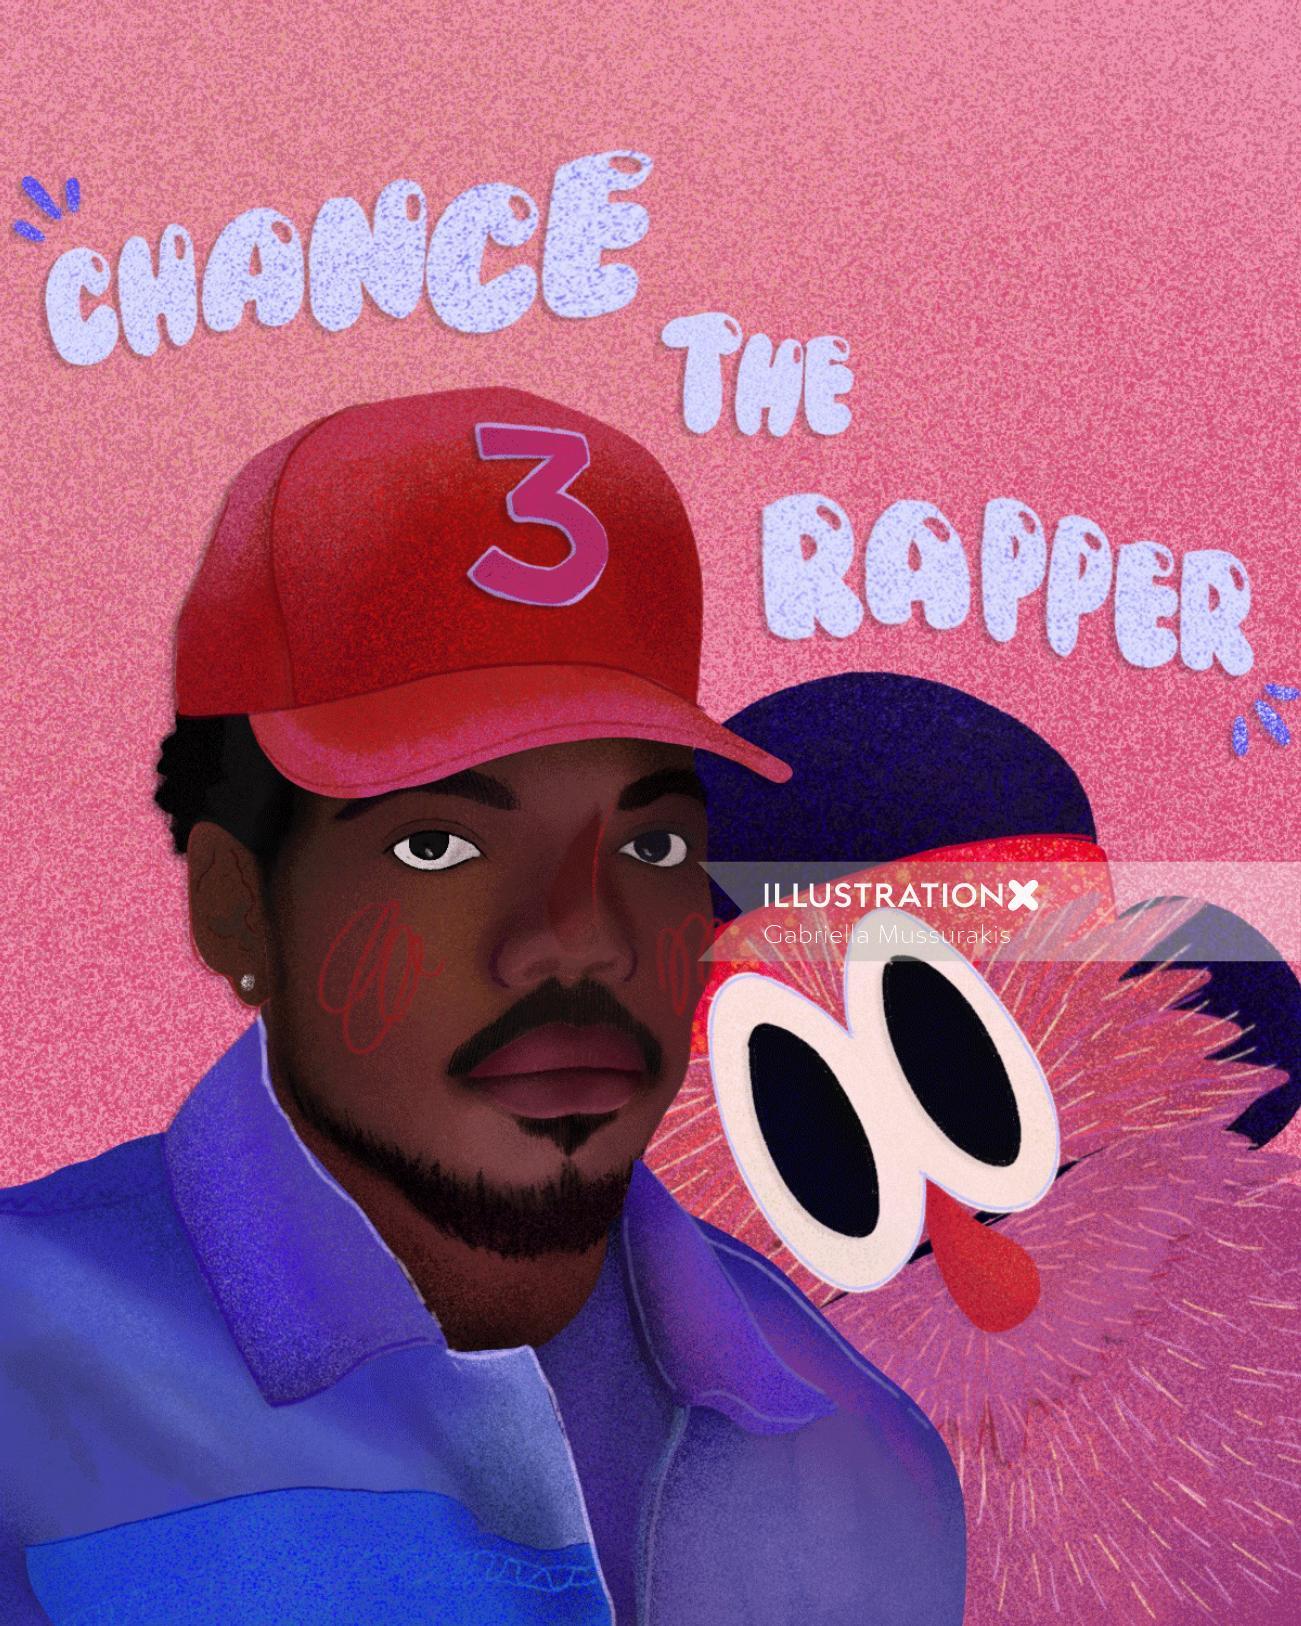 Chance the Rapper portrait art